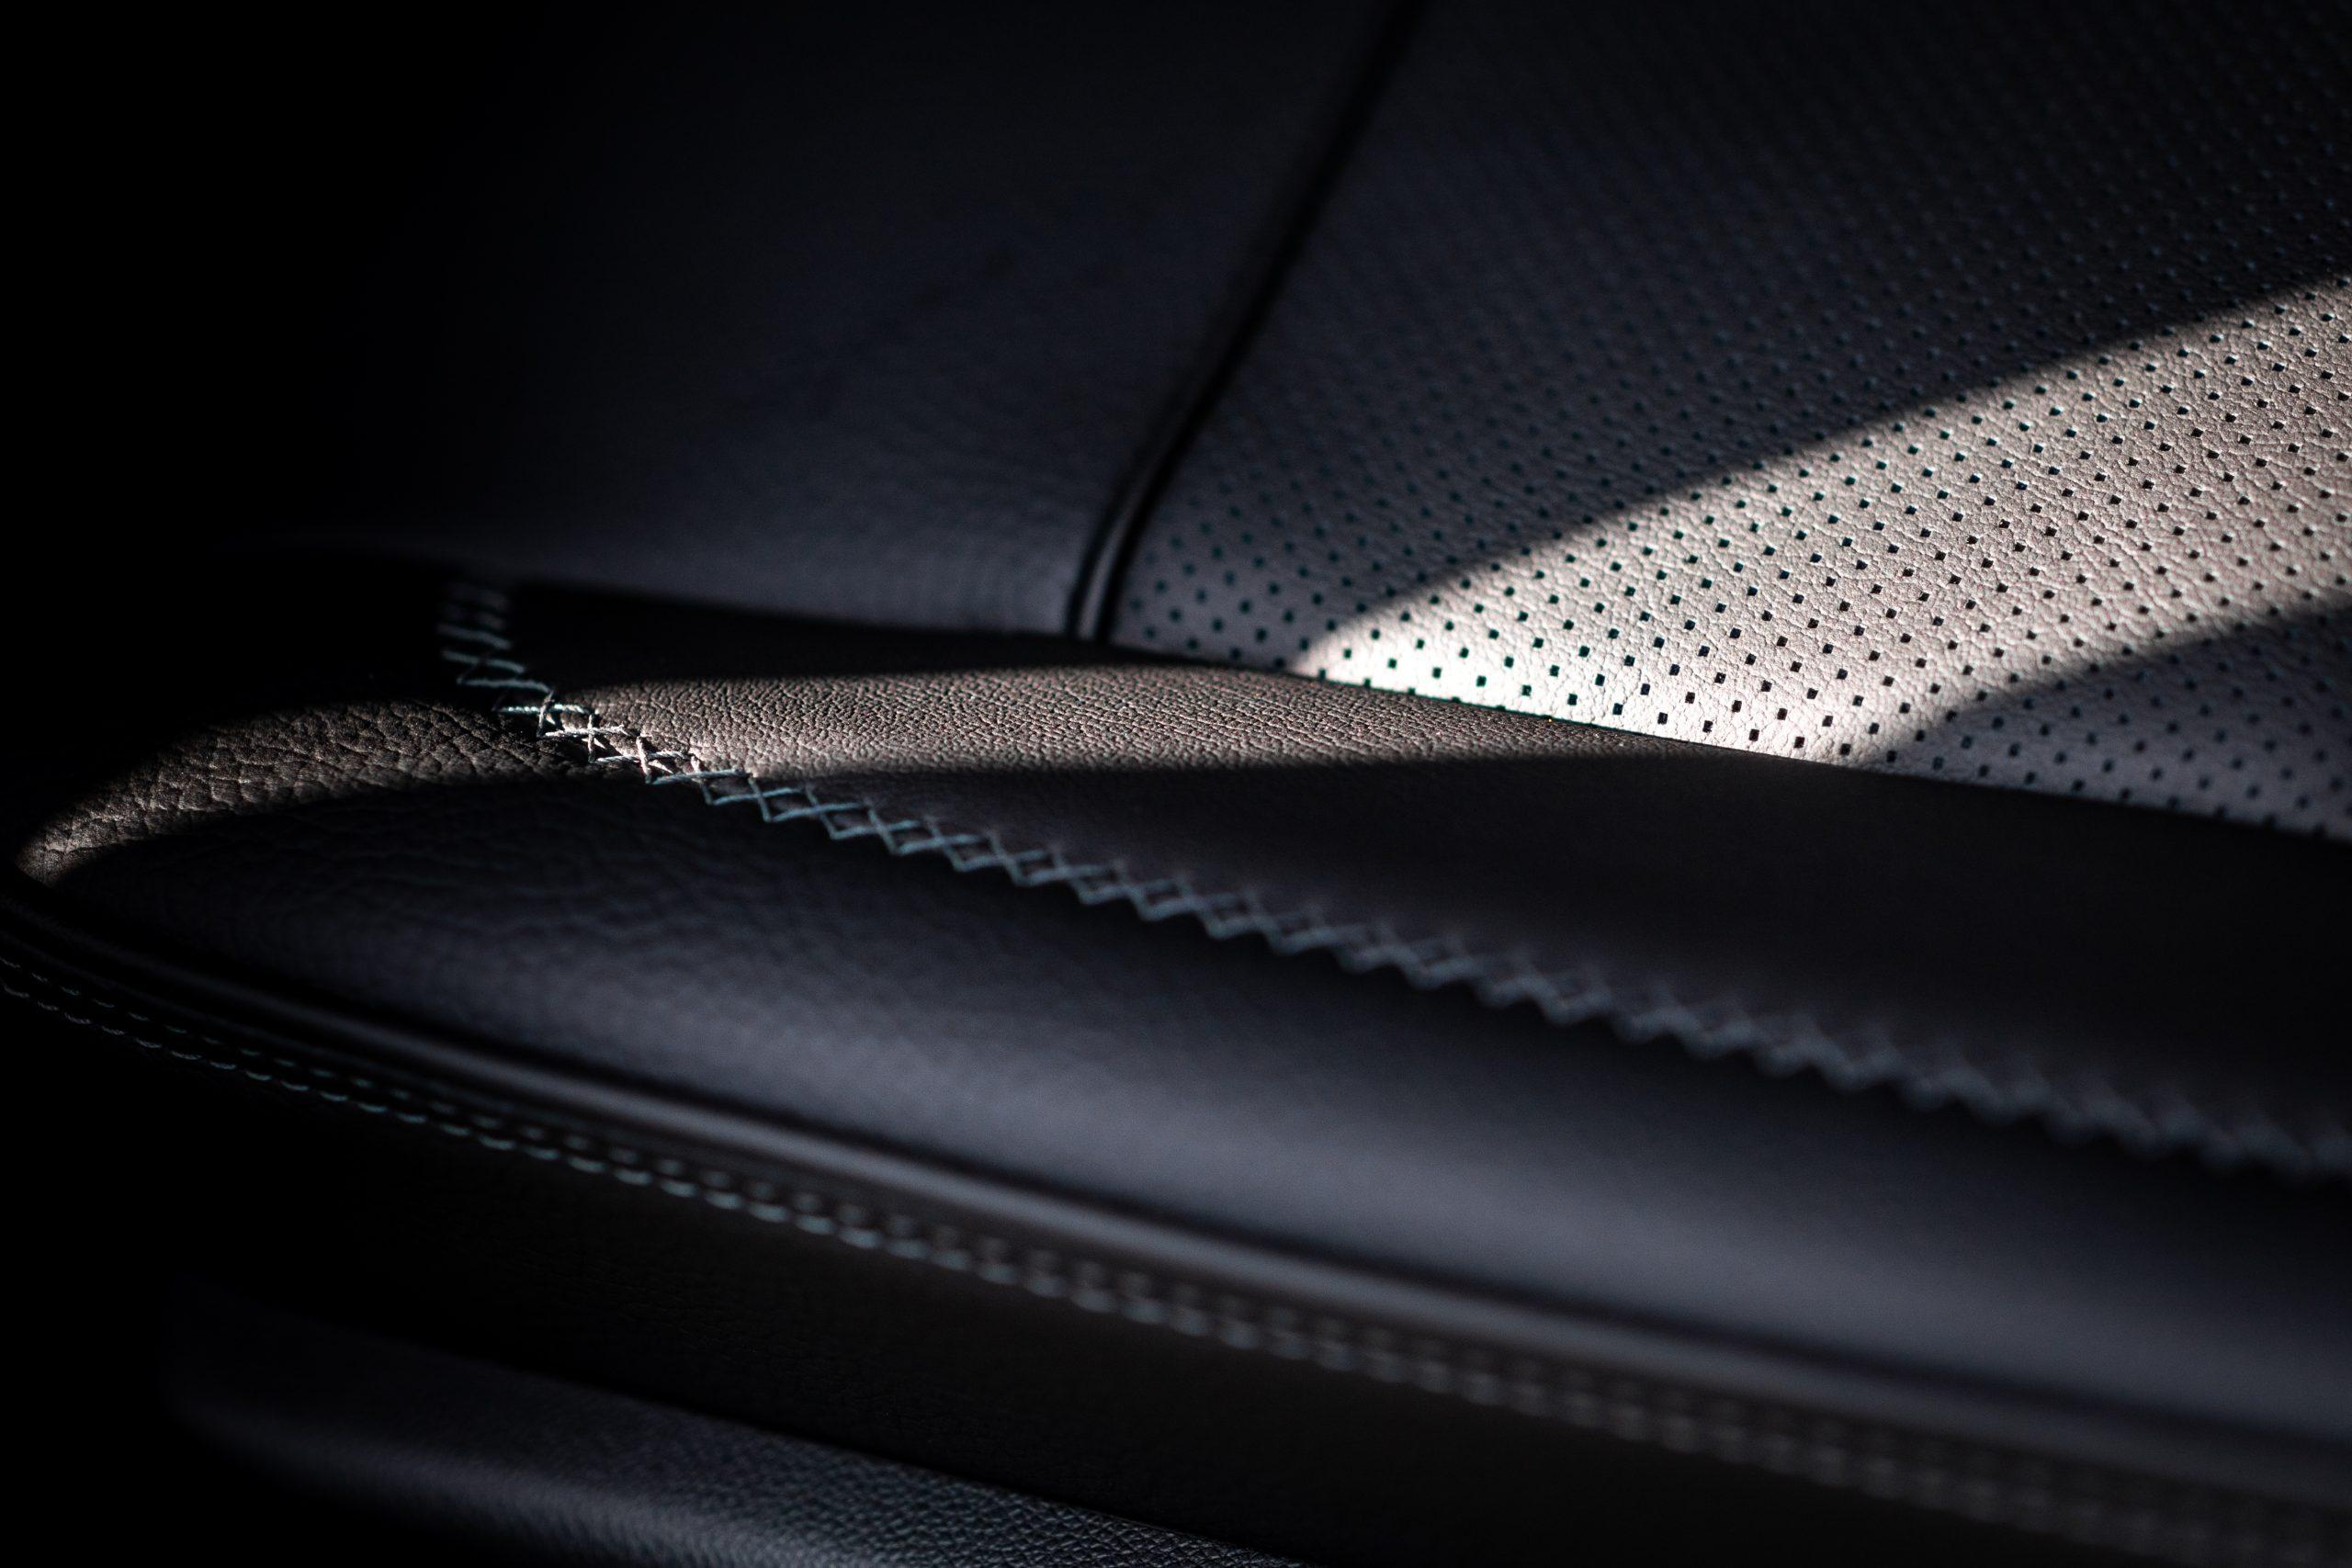 2021 Yukon Denali leather seat details